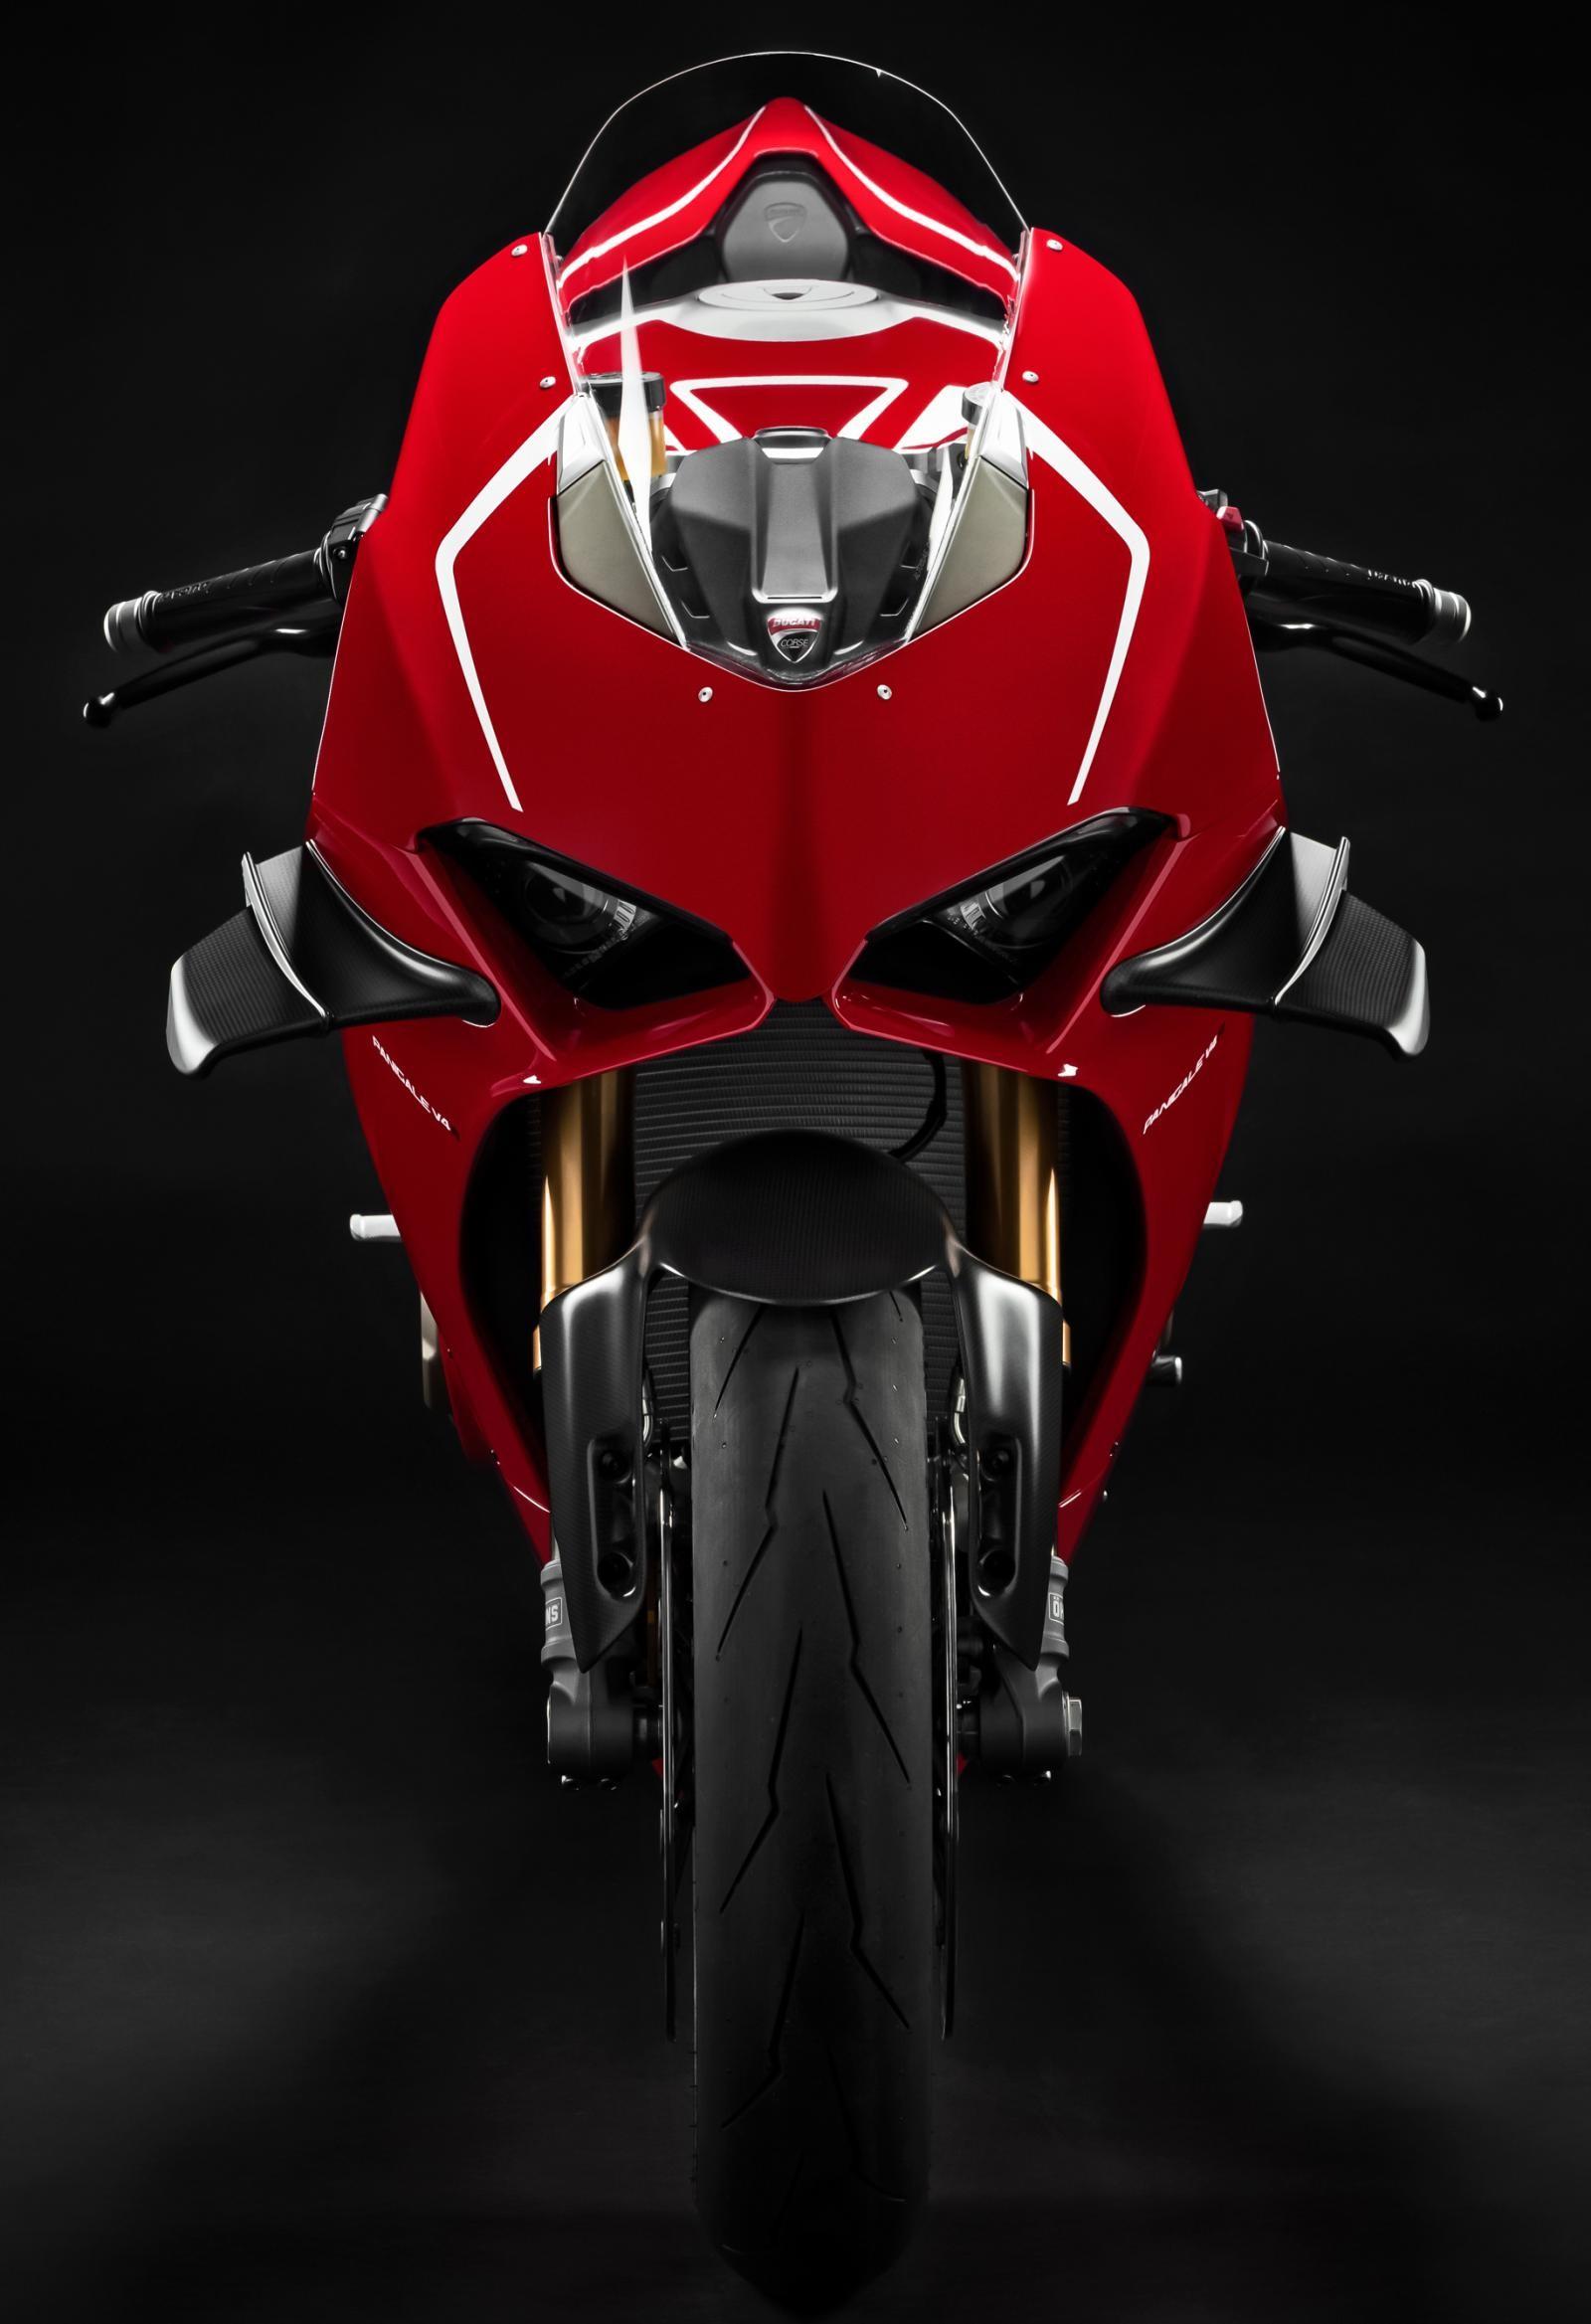 Ducati Panigale V4R trang bị nhiều công nghệ điện tử hỗ trợ